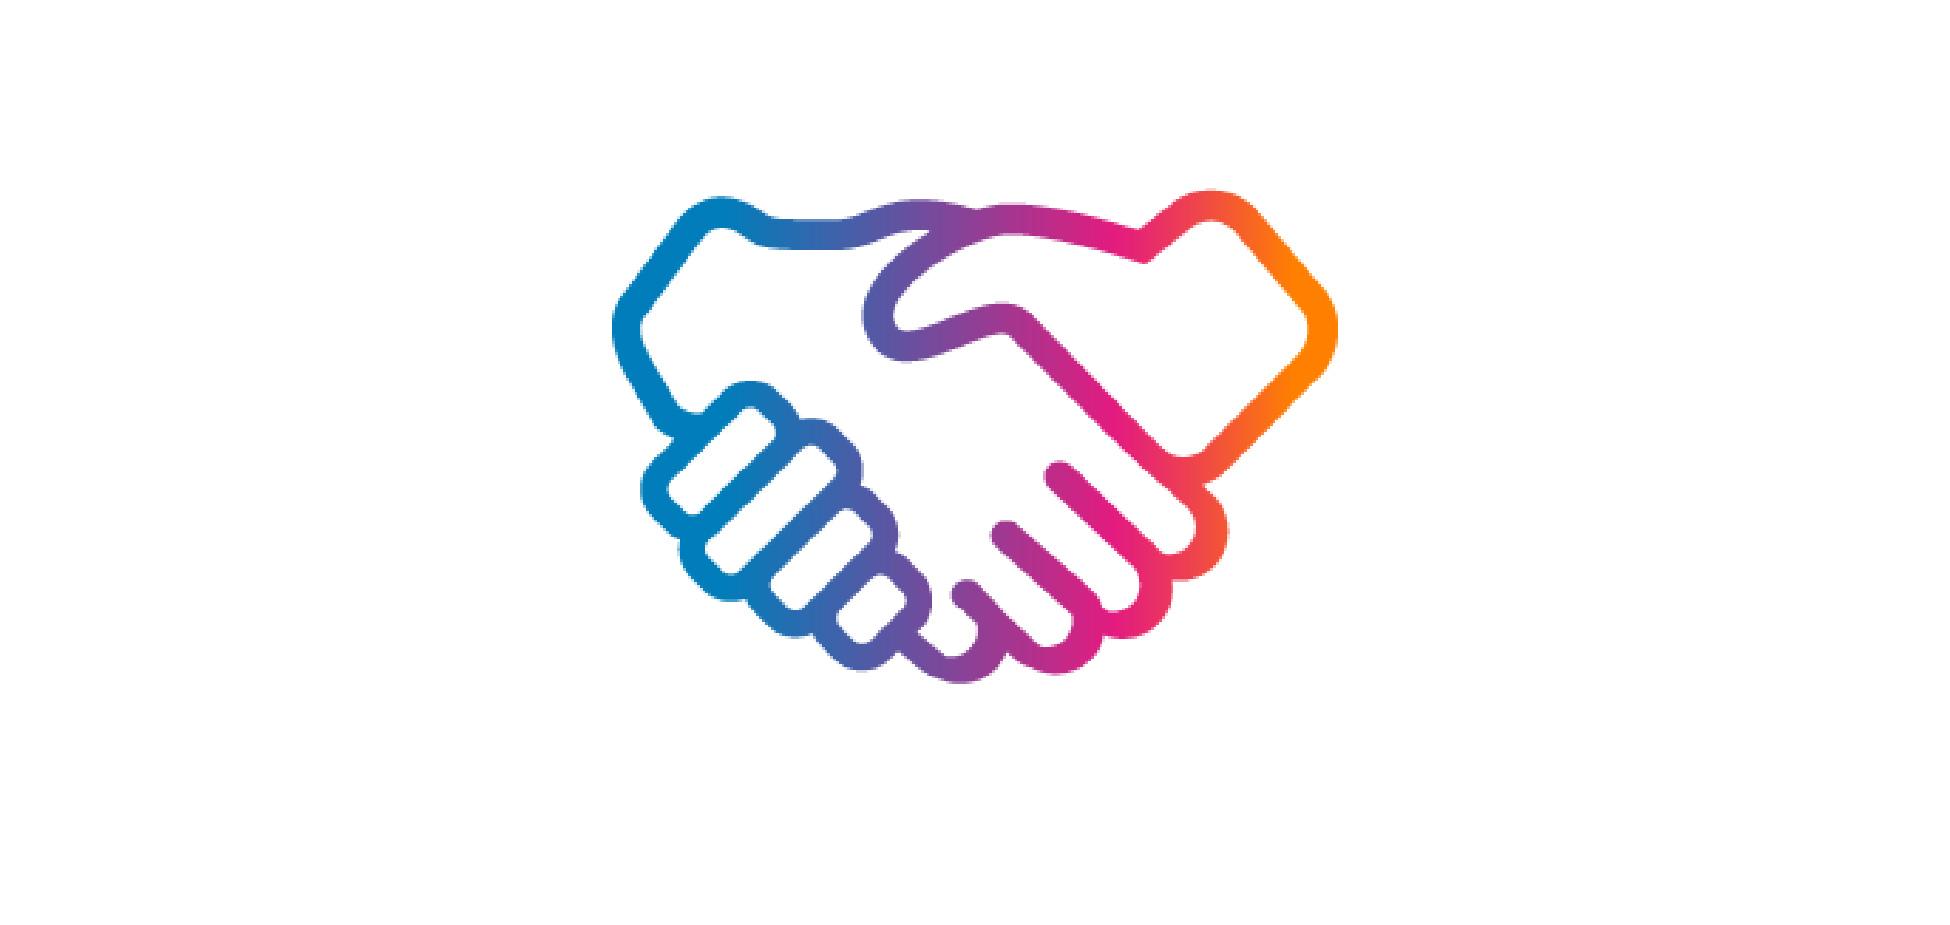 shaking hands blog image